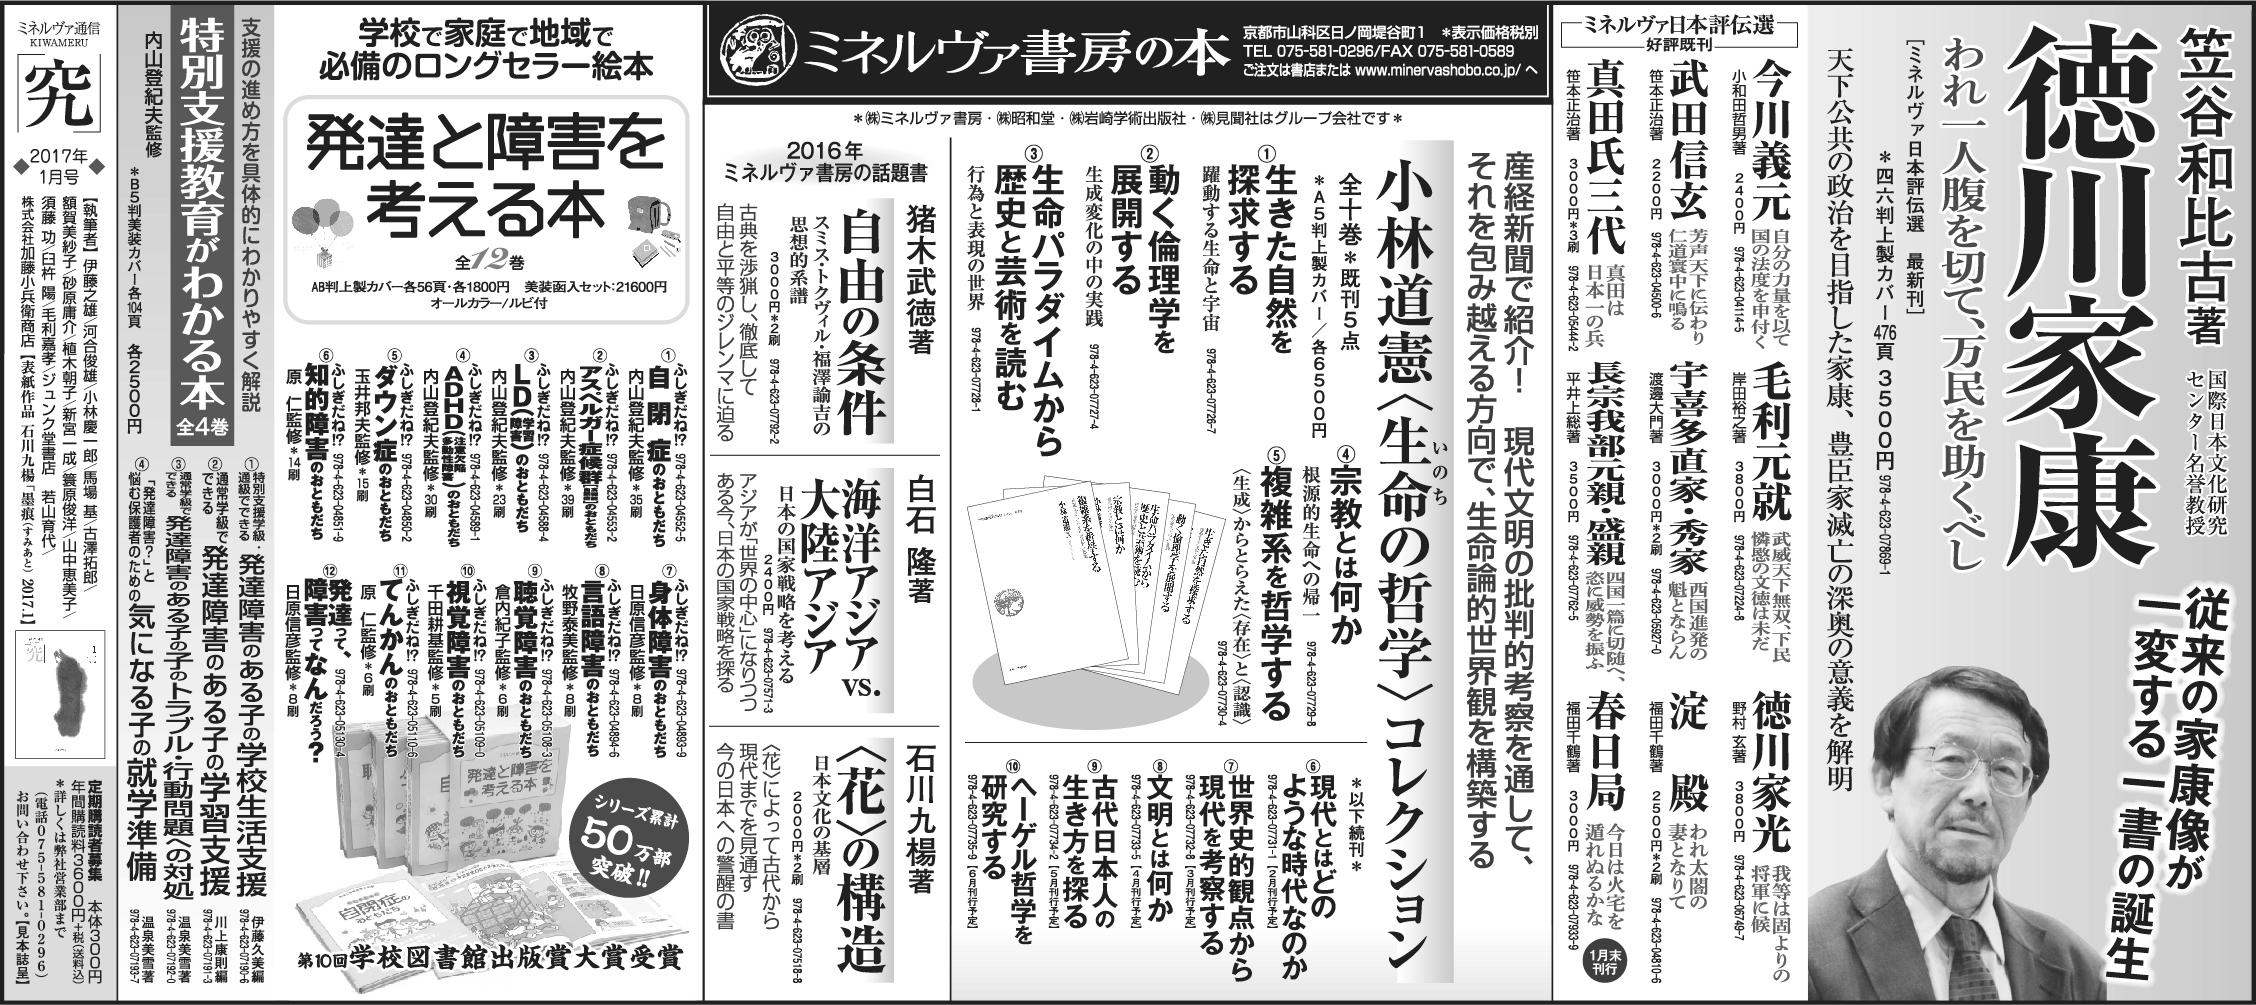 朝日新聞2017年1月15日(読書面)全5段広告